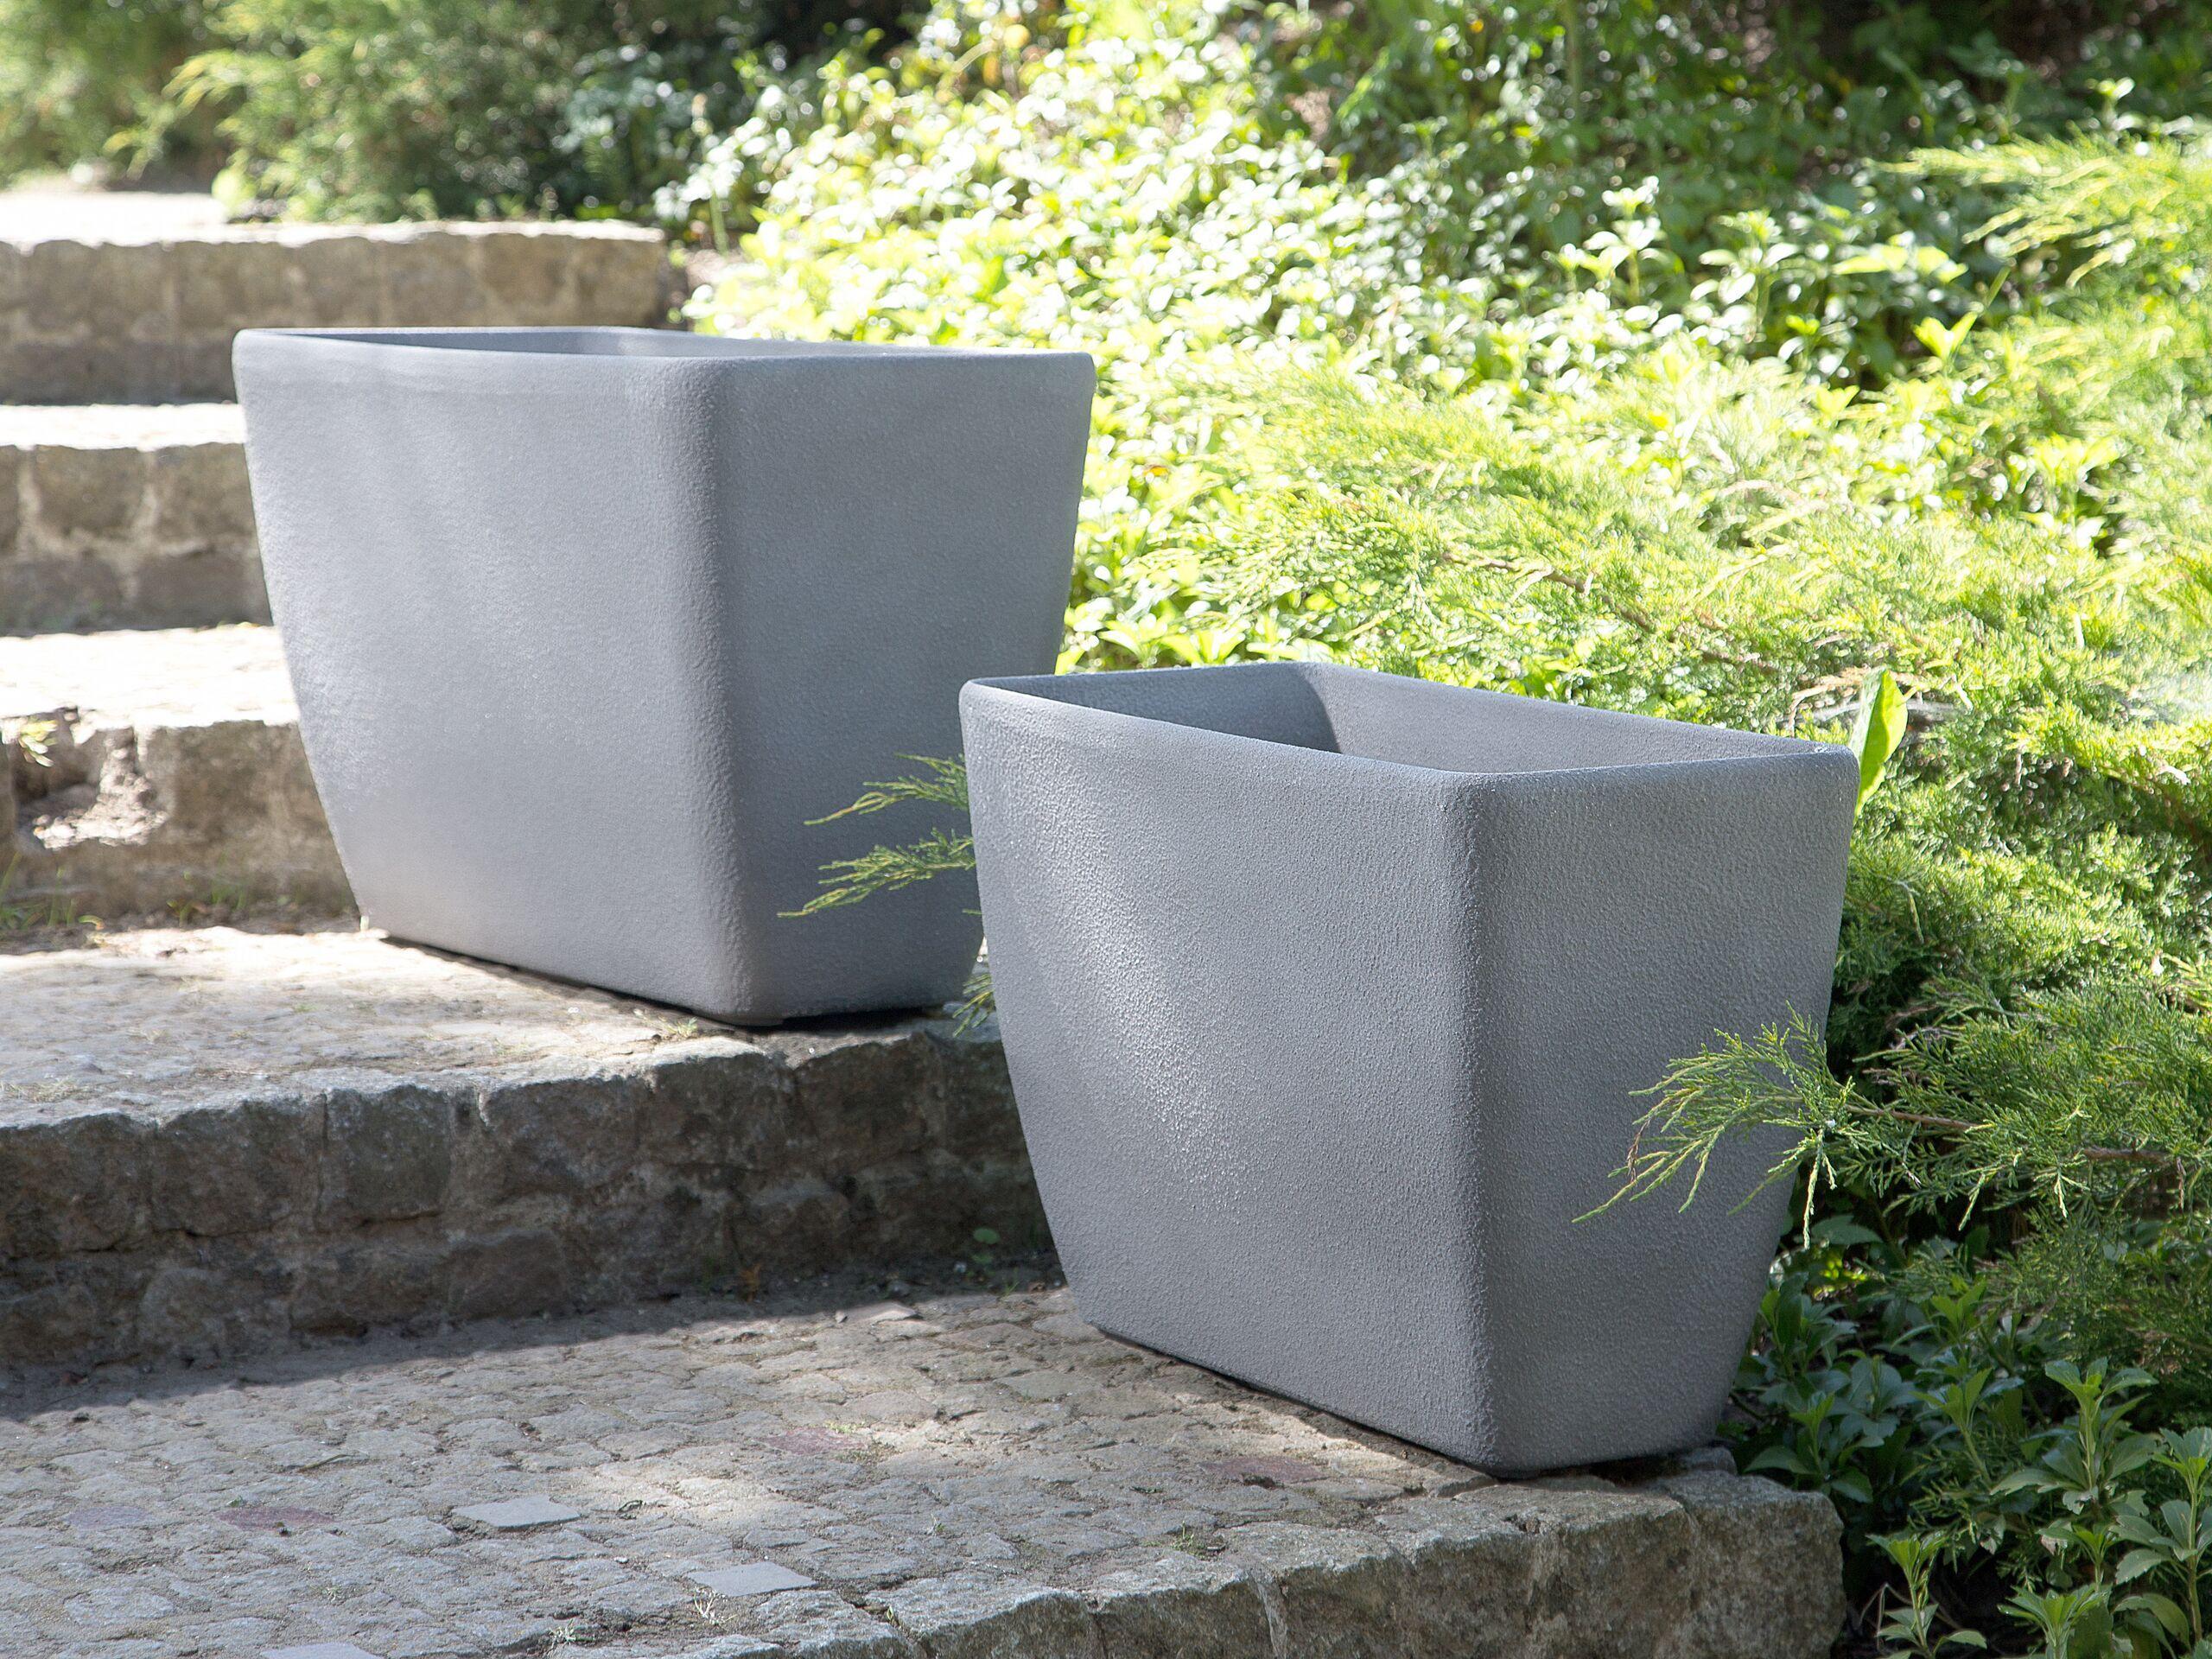 beliani set di 2 vasi per piante in simil pietra grigia rettangolari varie misure